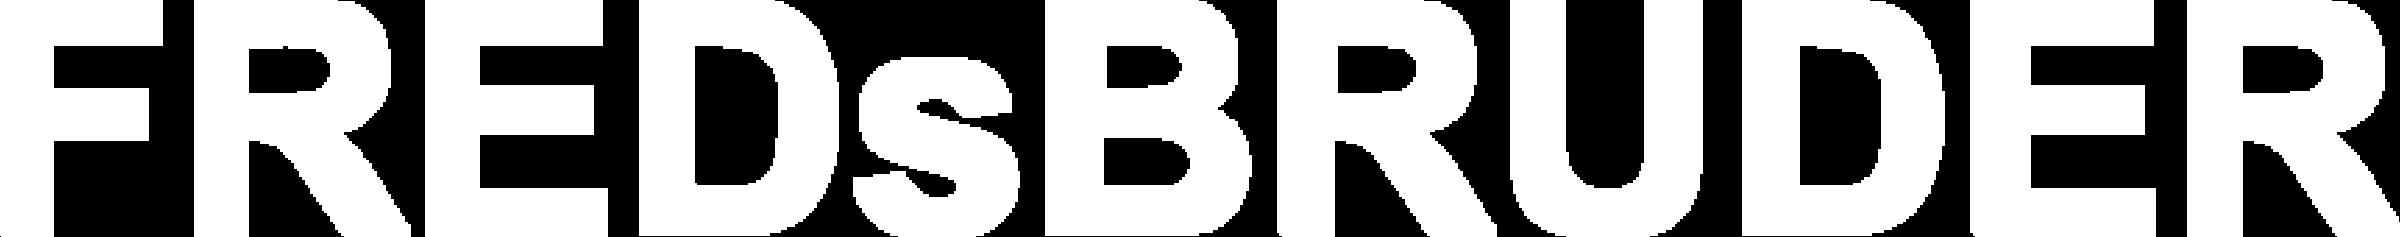 FREDsBRUDER Logo